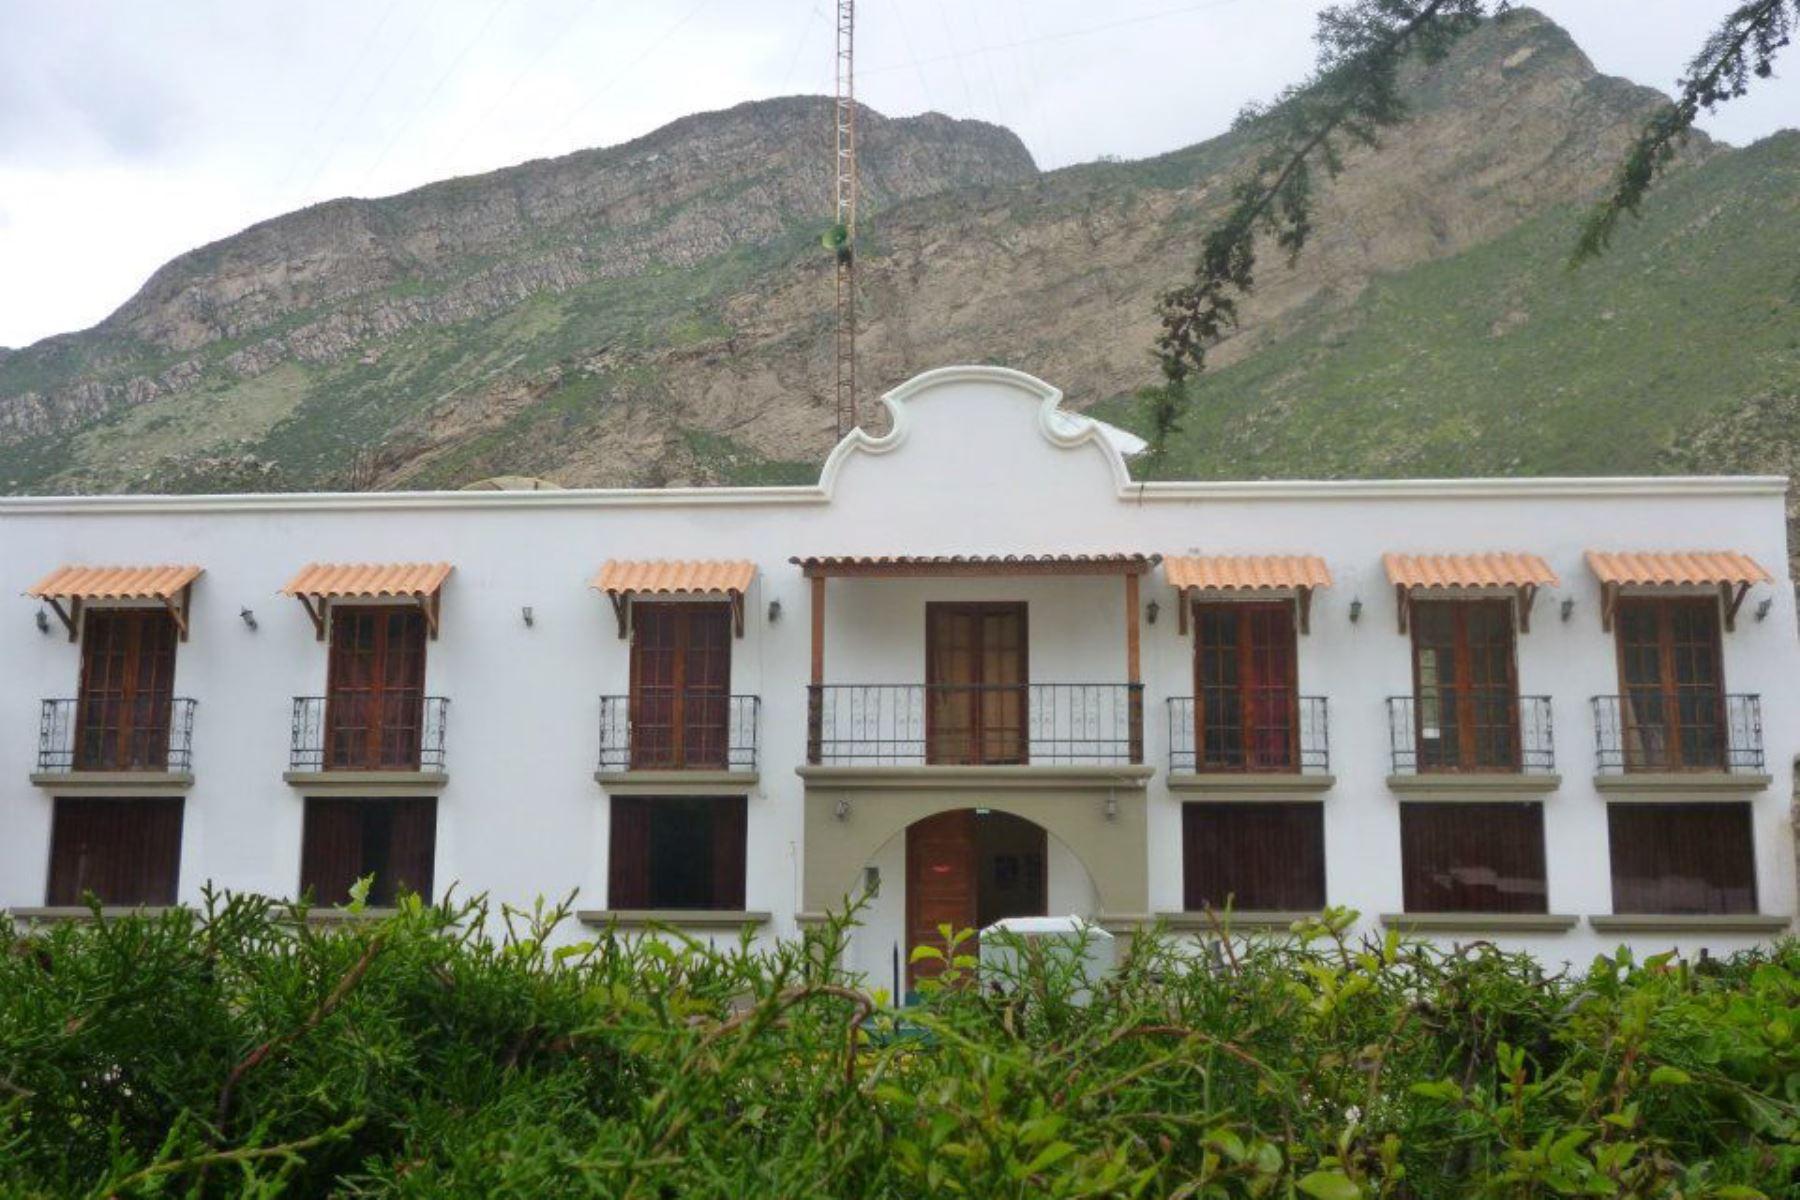 La localidad de Huambo, en Arequipa, fue una de las más afectadas por el sismo de magnitud 4.3 registrada hoy.